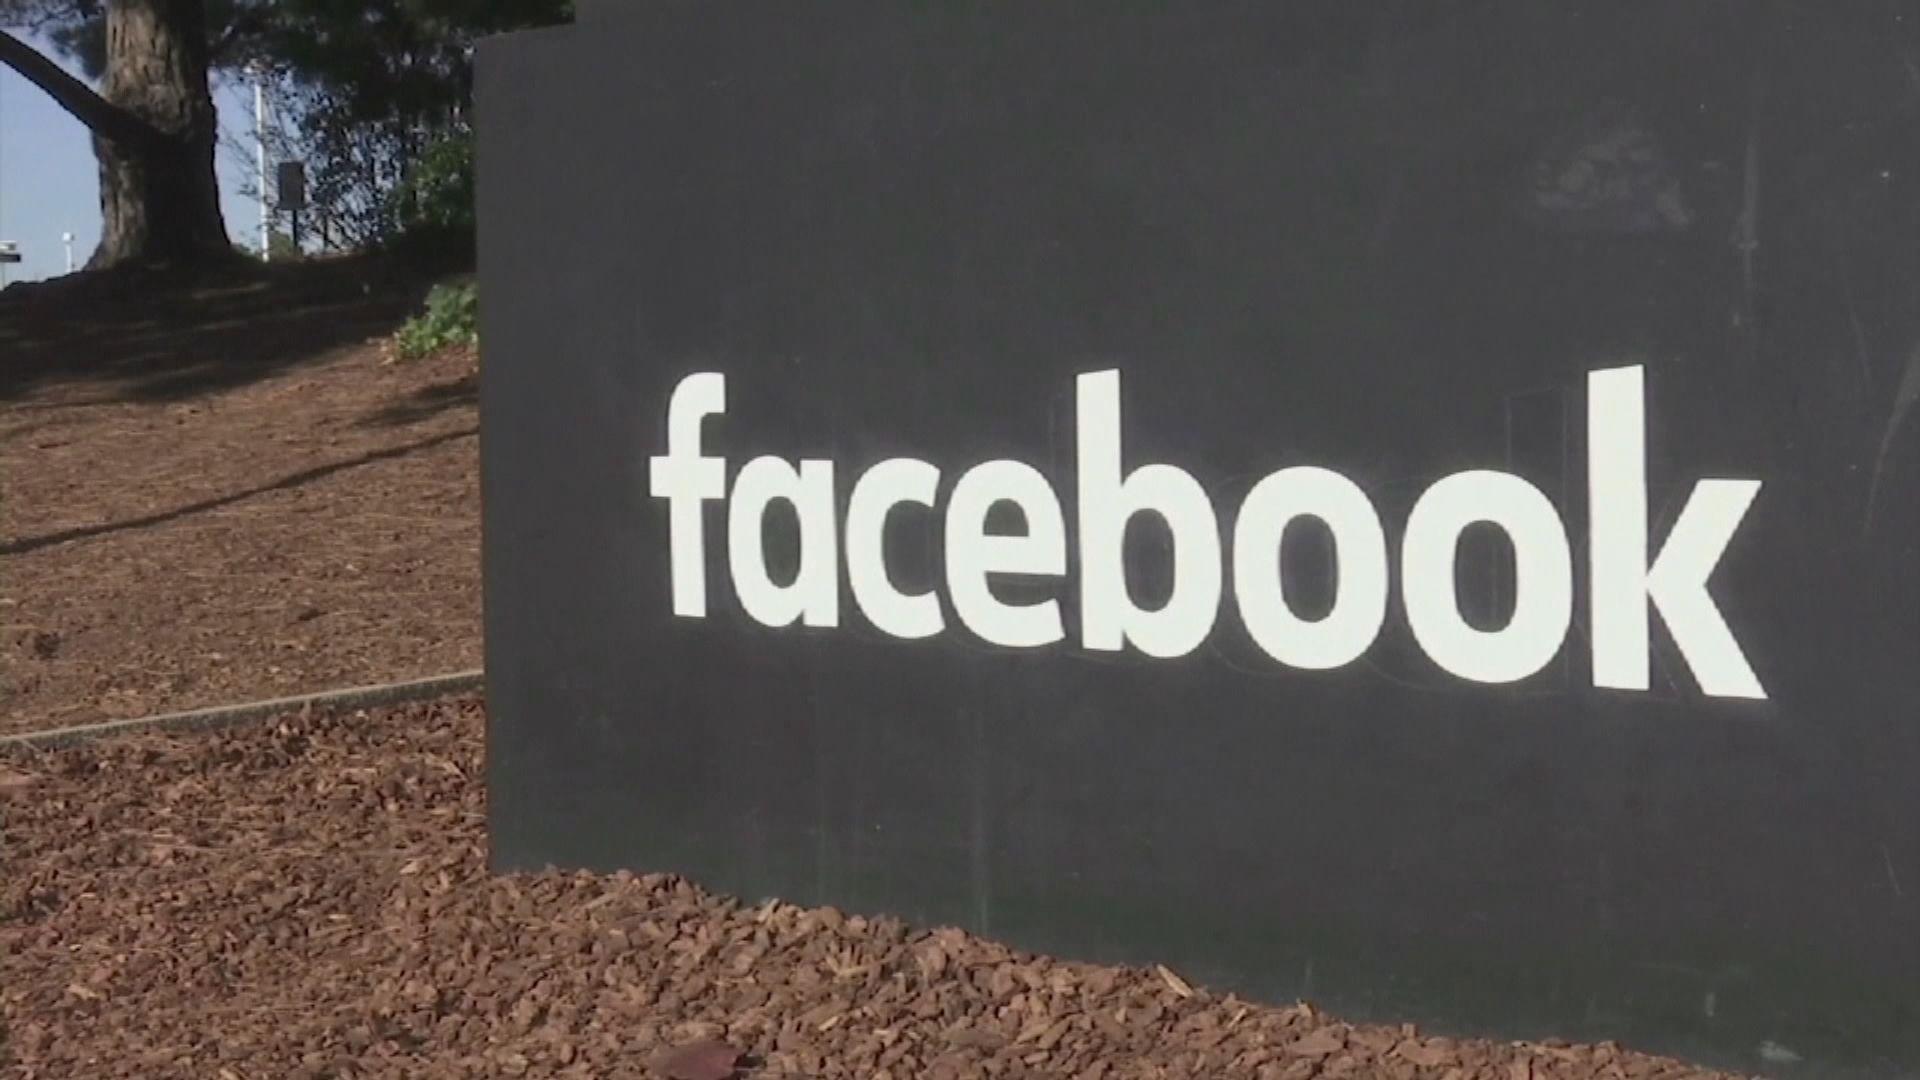 報道指Facebook向用戶購買手機資料